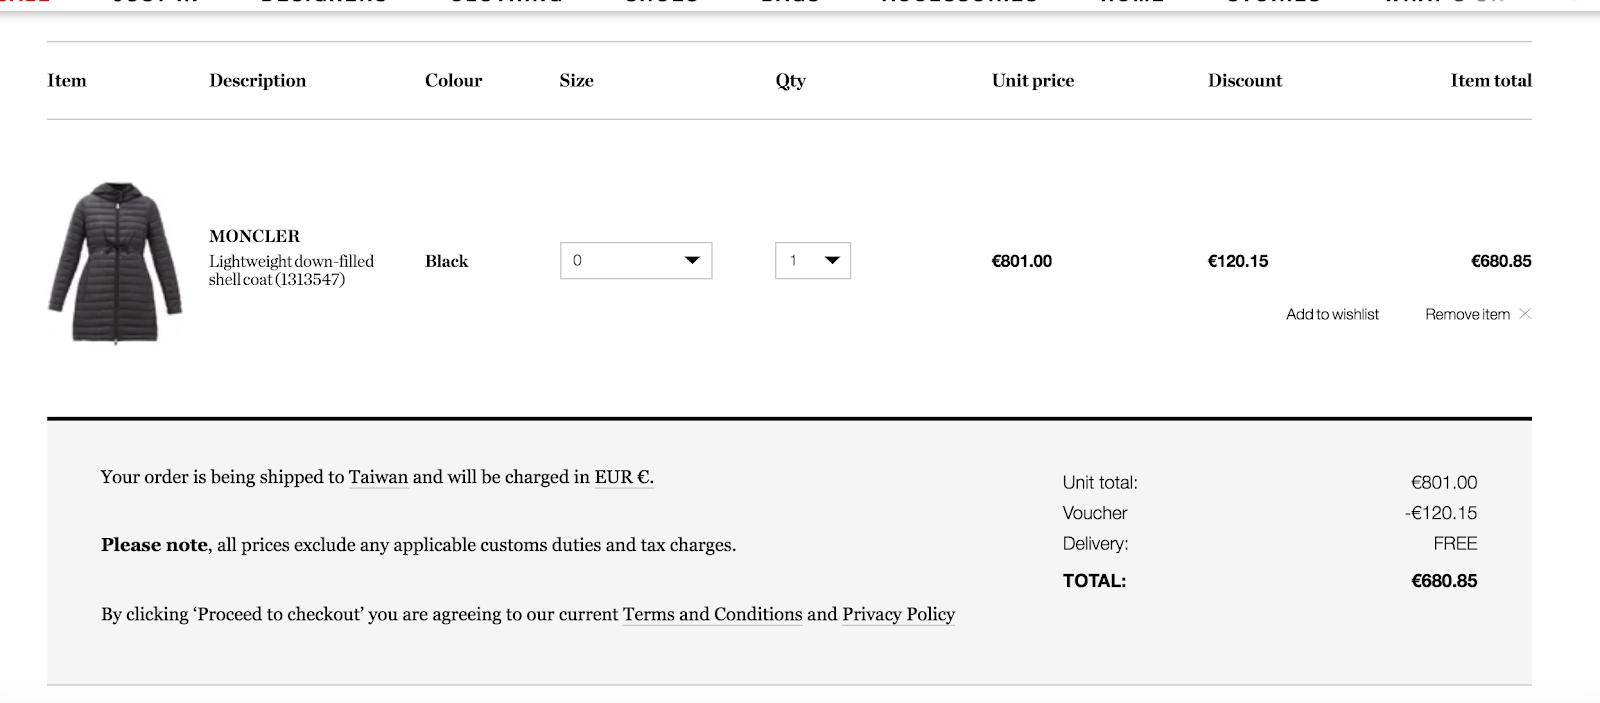 【網購教學】精品電商 Matchesfashion 購物教學/折扣碼/註冊/結帳/關稅/運費/退貨 - Celine C琳